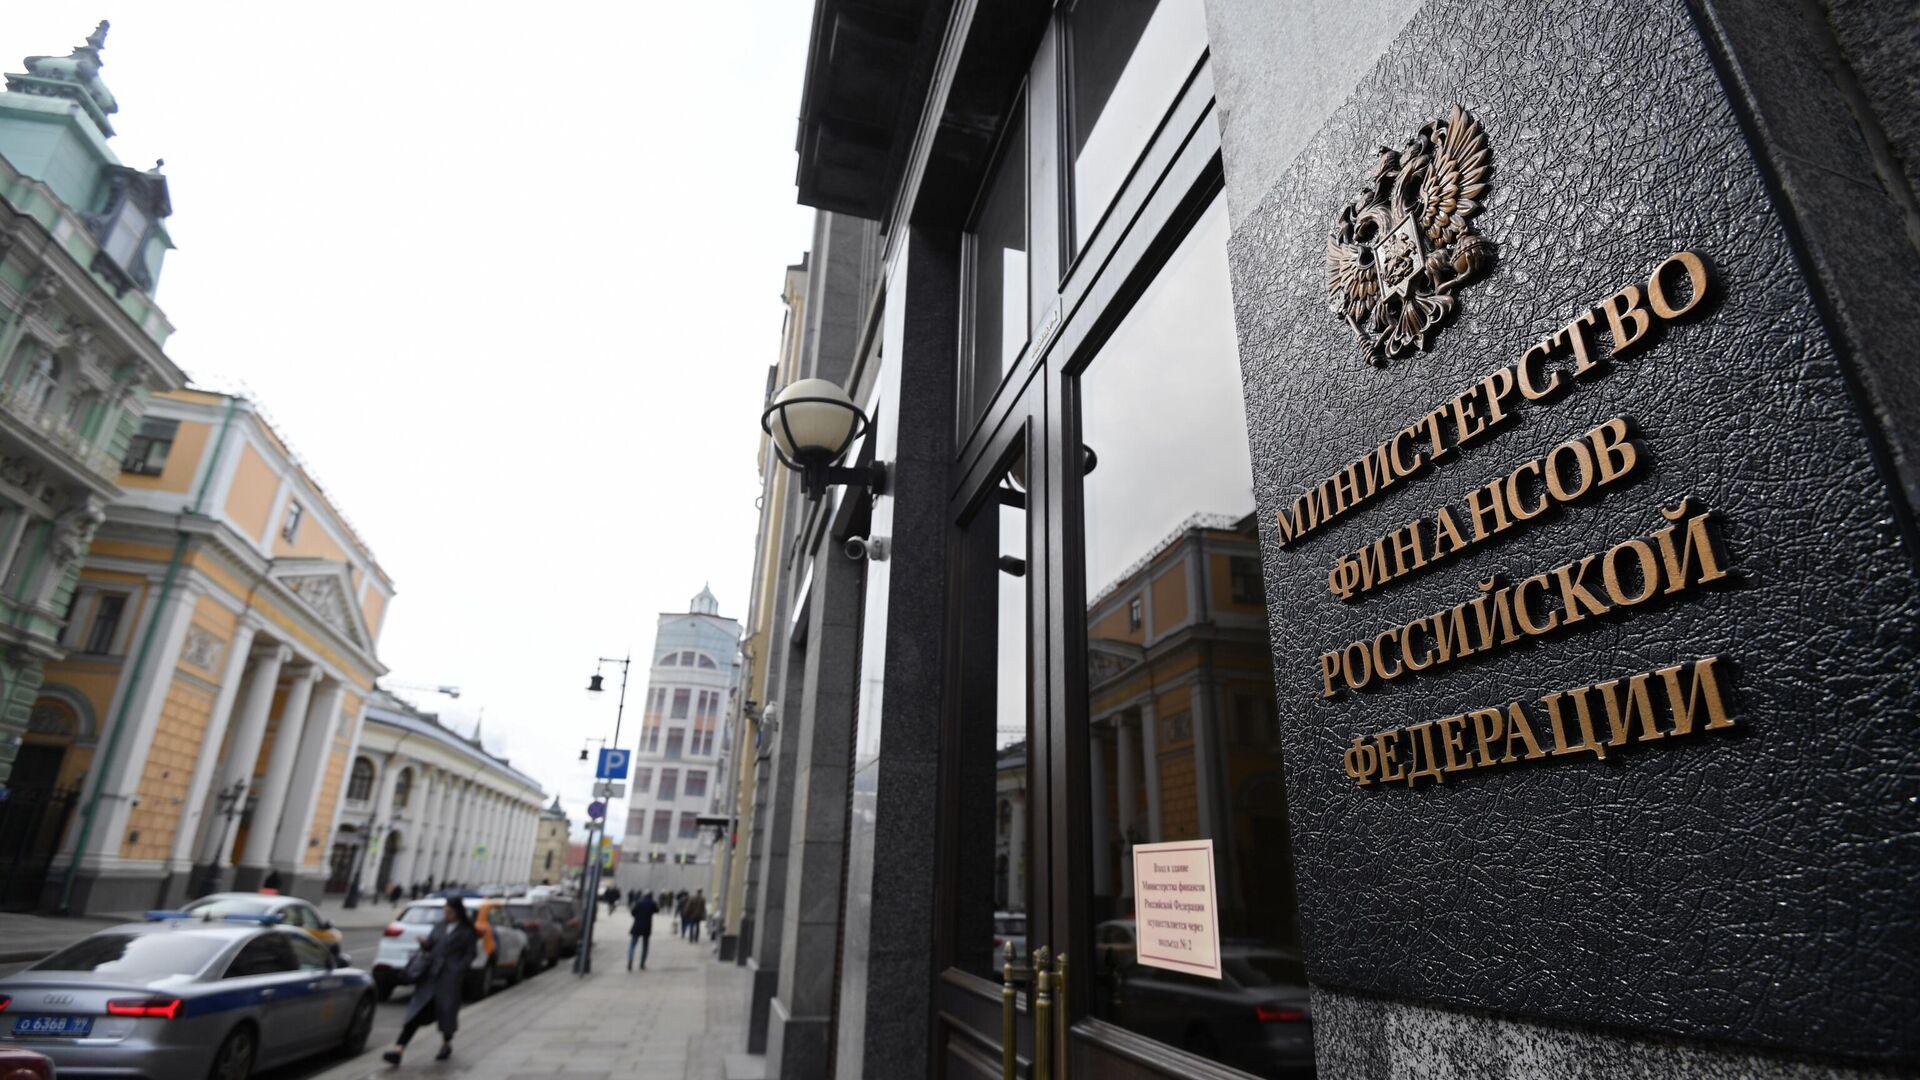 Здание министерства финансов РФ  - РИА Новости, 1920, 27.11.2020